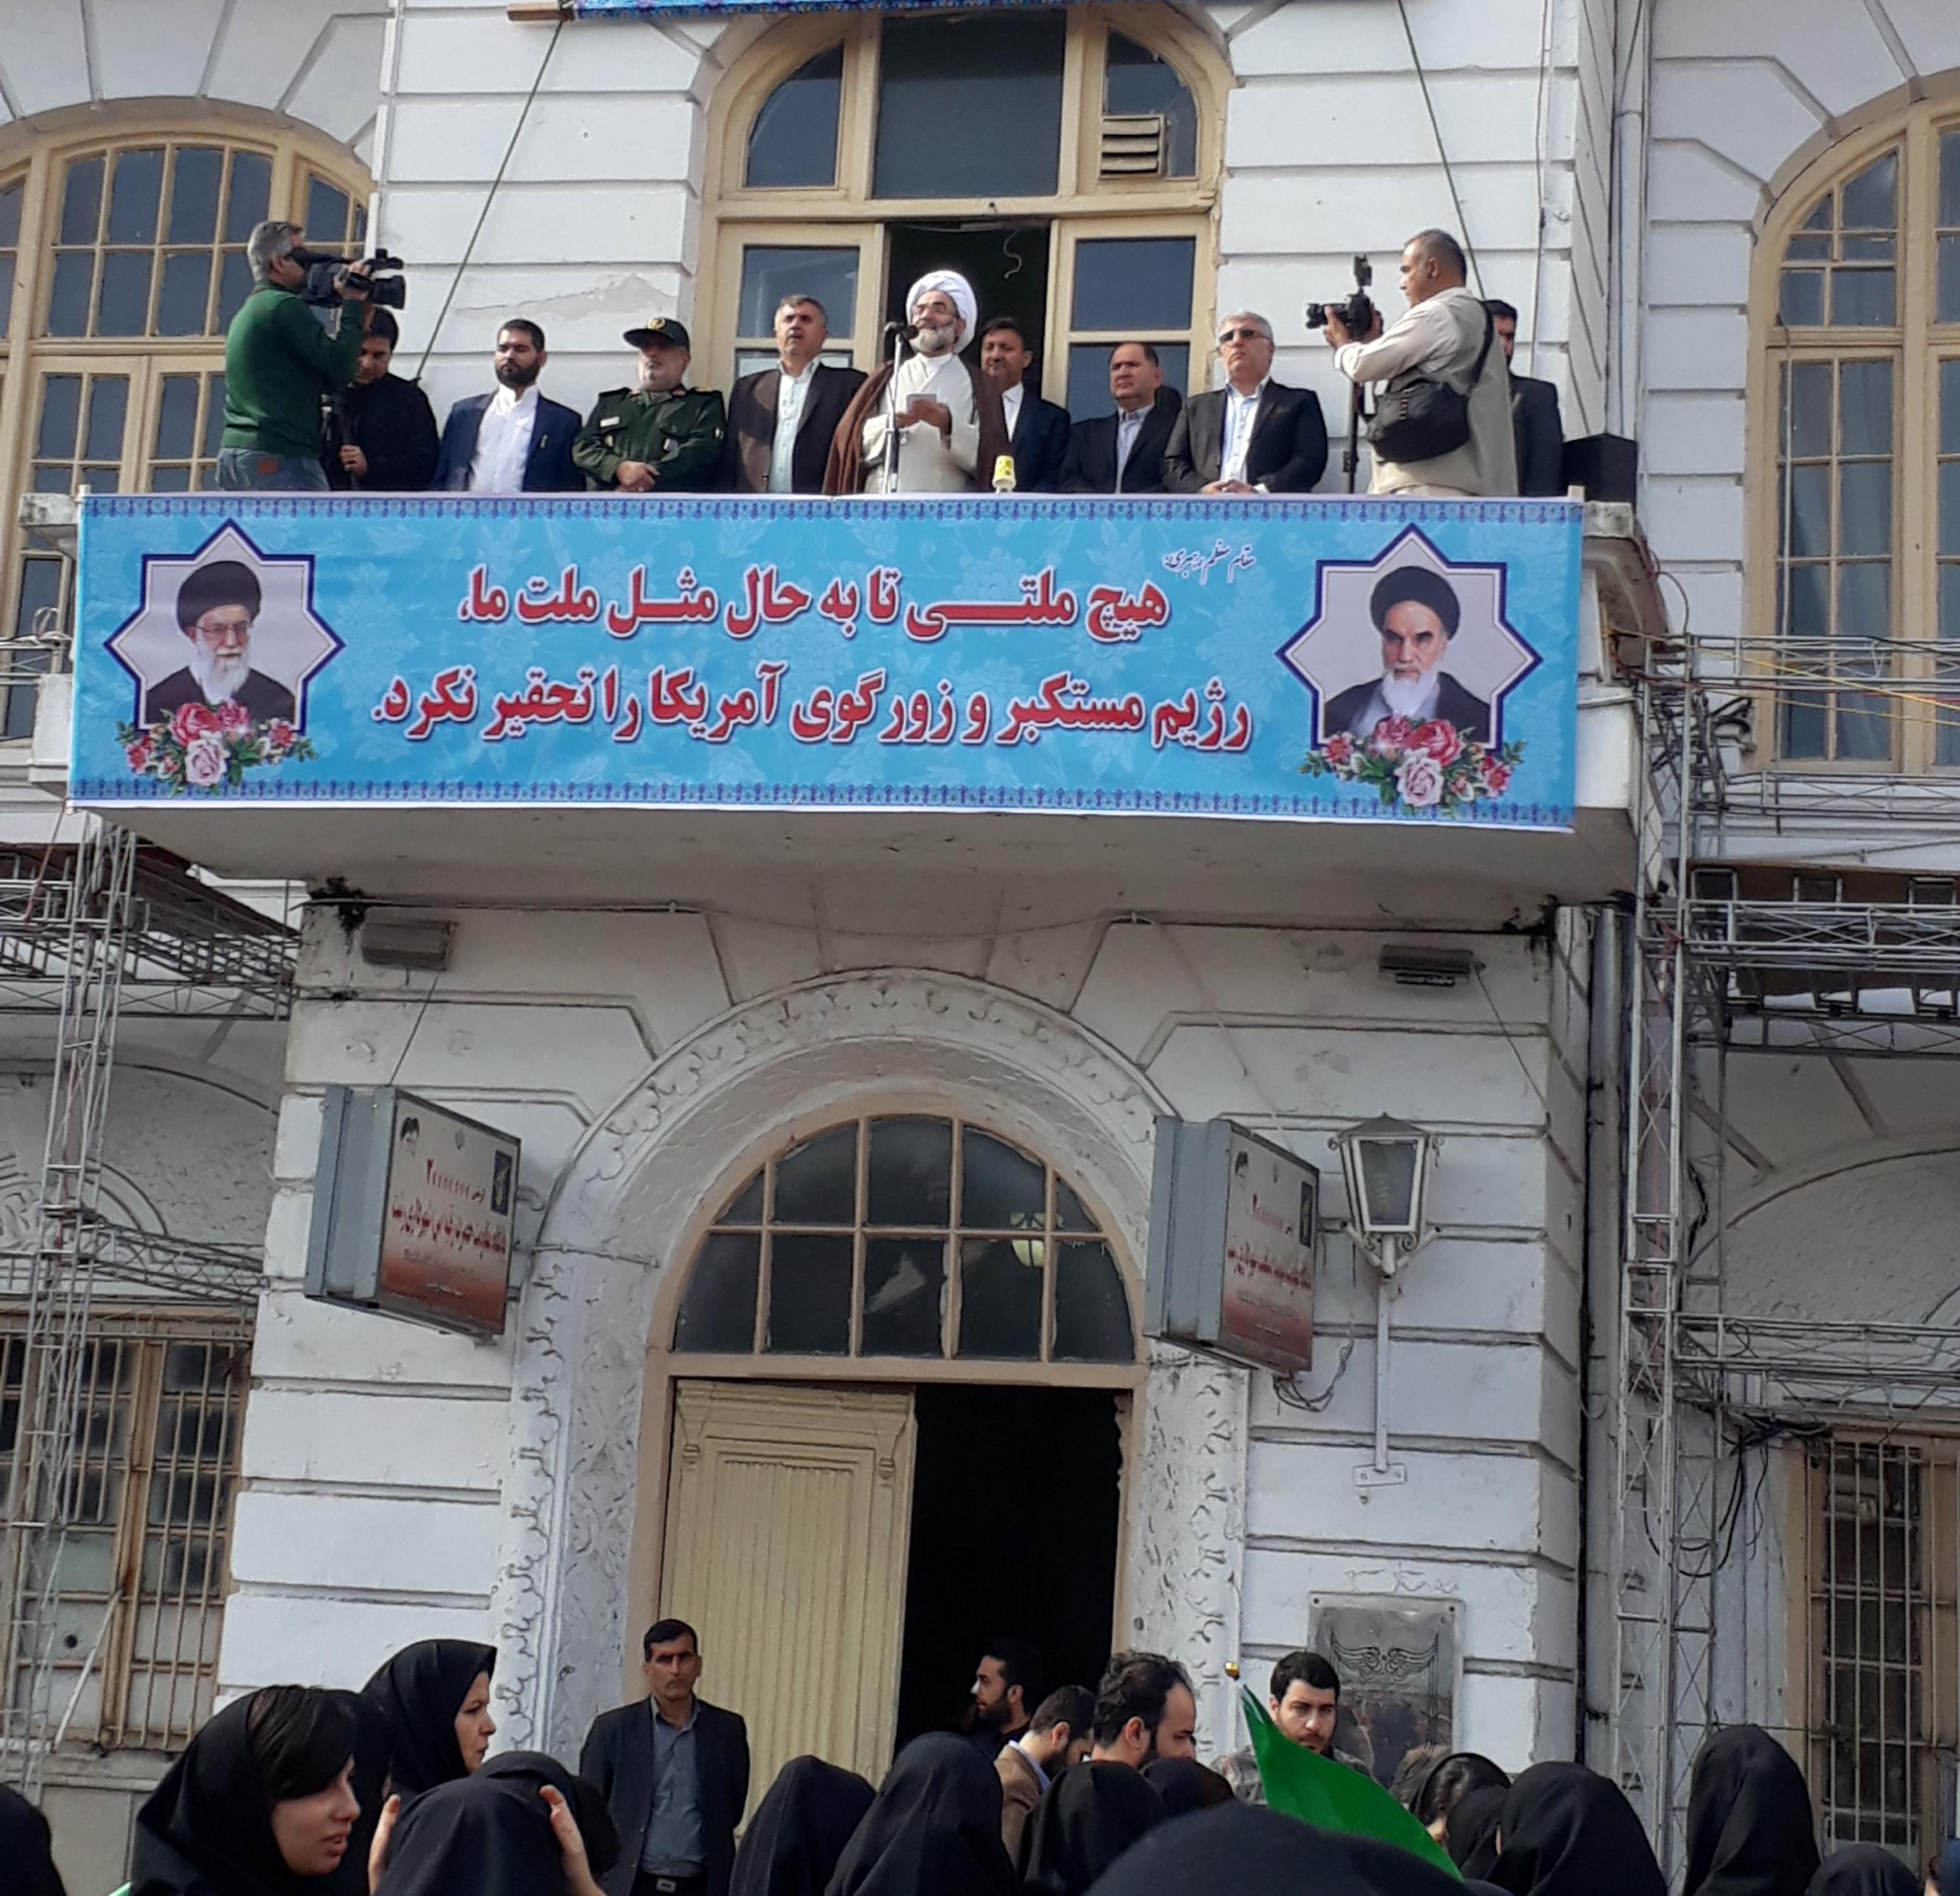 نماینده ولی فقیه در گیلان: آمریکا در برابر قدرت ایران و نسل جوان امروز به زانو در آمده است